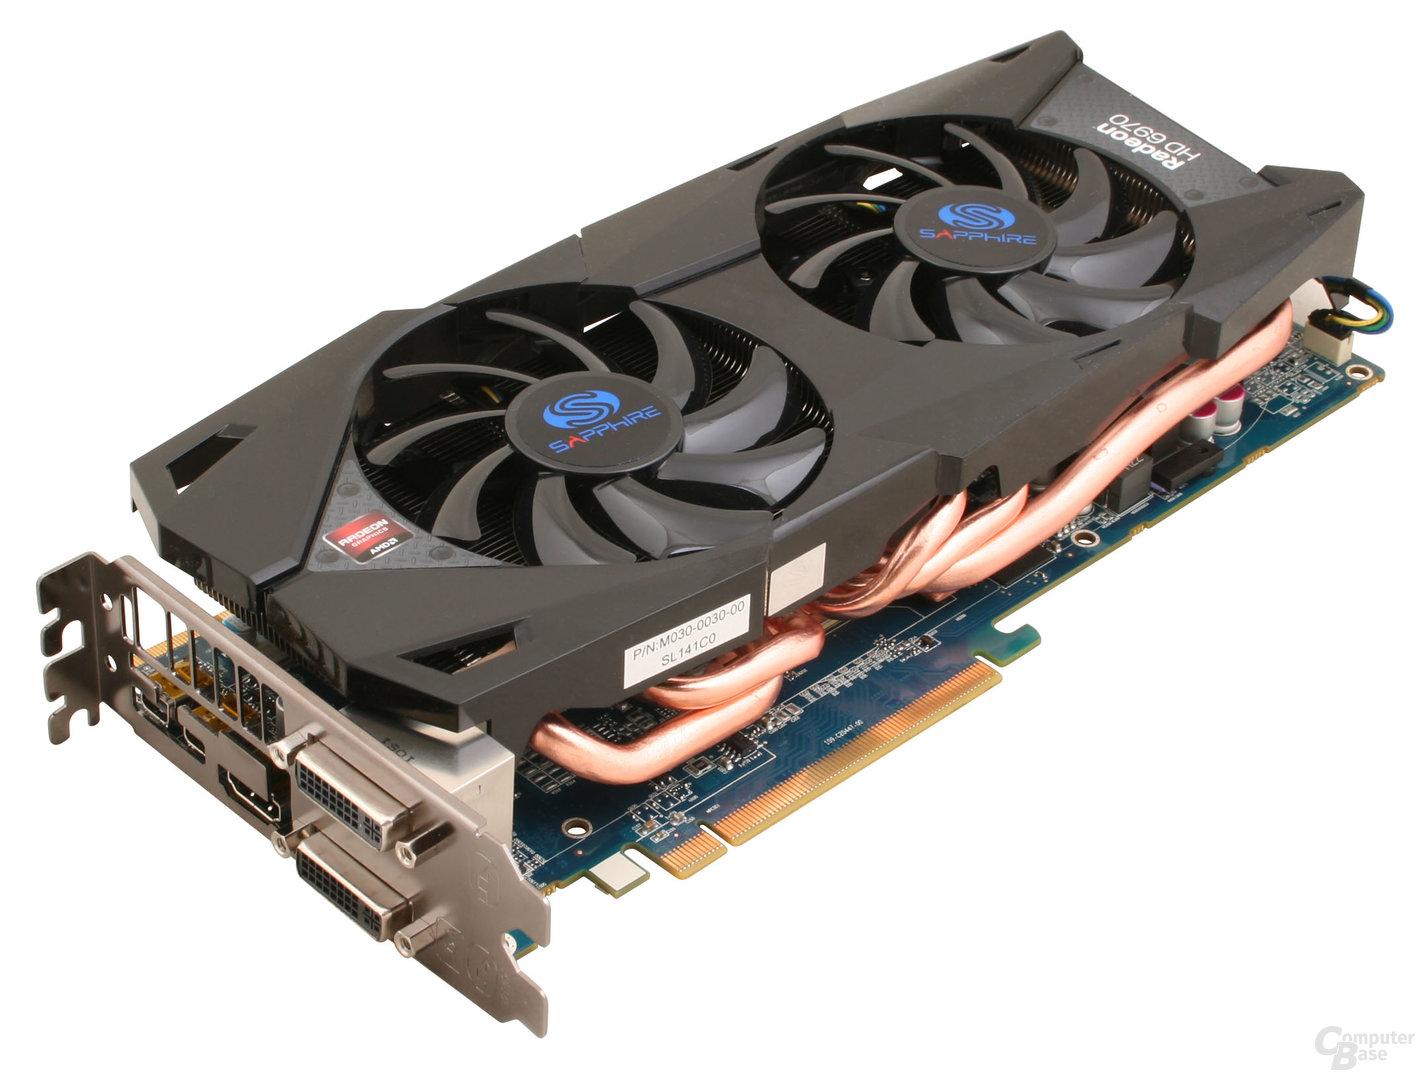 11187-03_HD6970_2GBGDDR5_2miniDP_HDMI_2DVI_PCIE_C02_634548147757829425